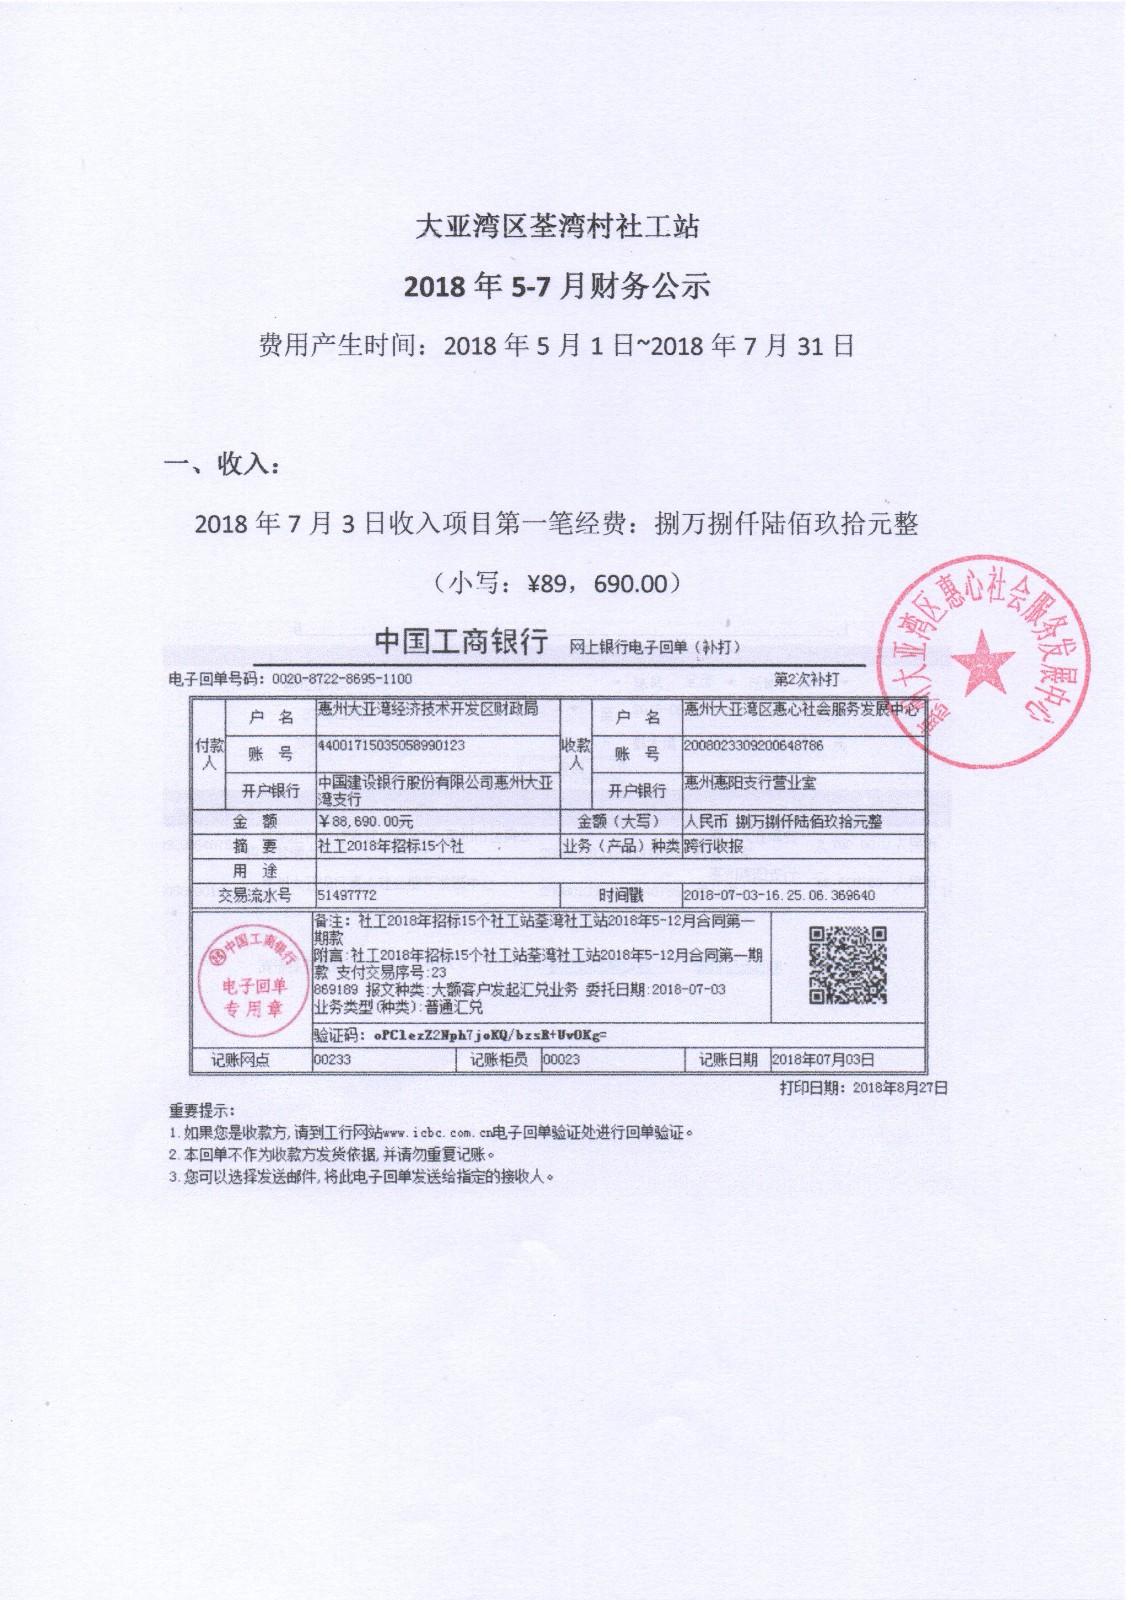 荃湾社工站2018年5月-7月财务公示|公告栏-网赌ag作弊器|官网